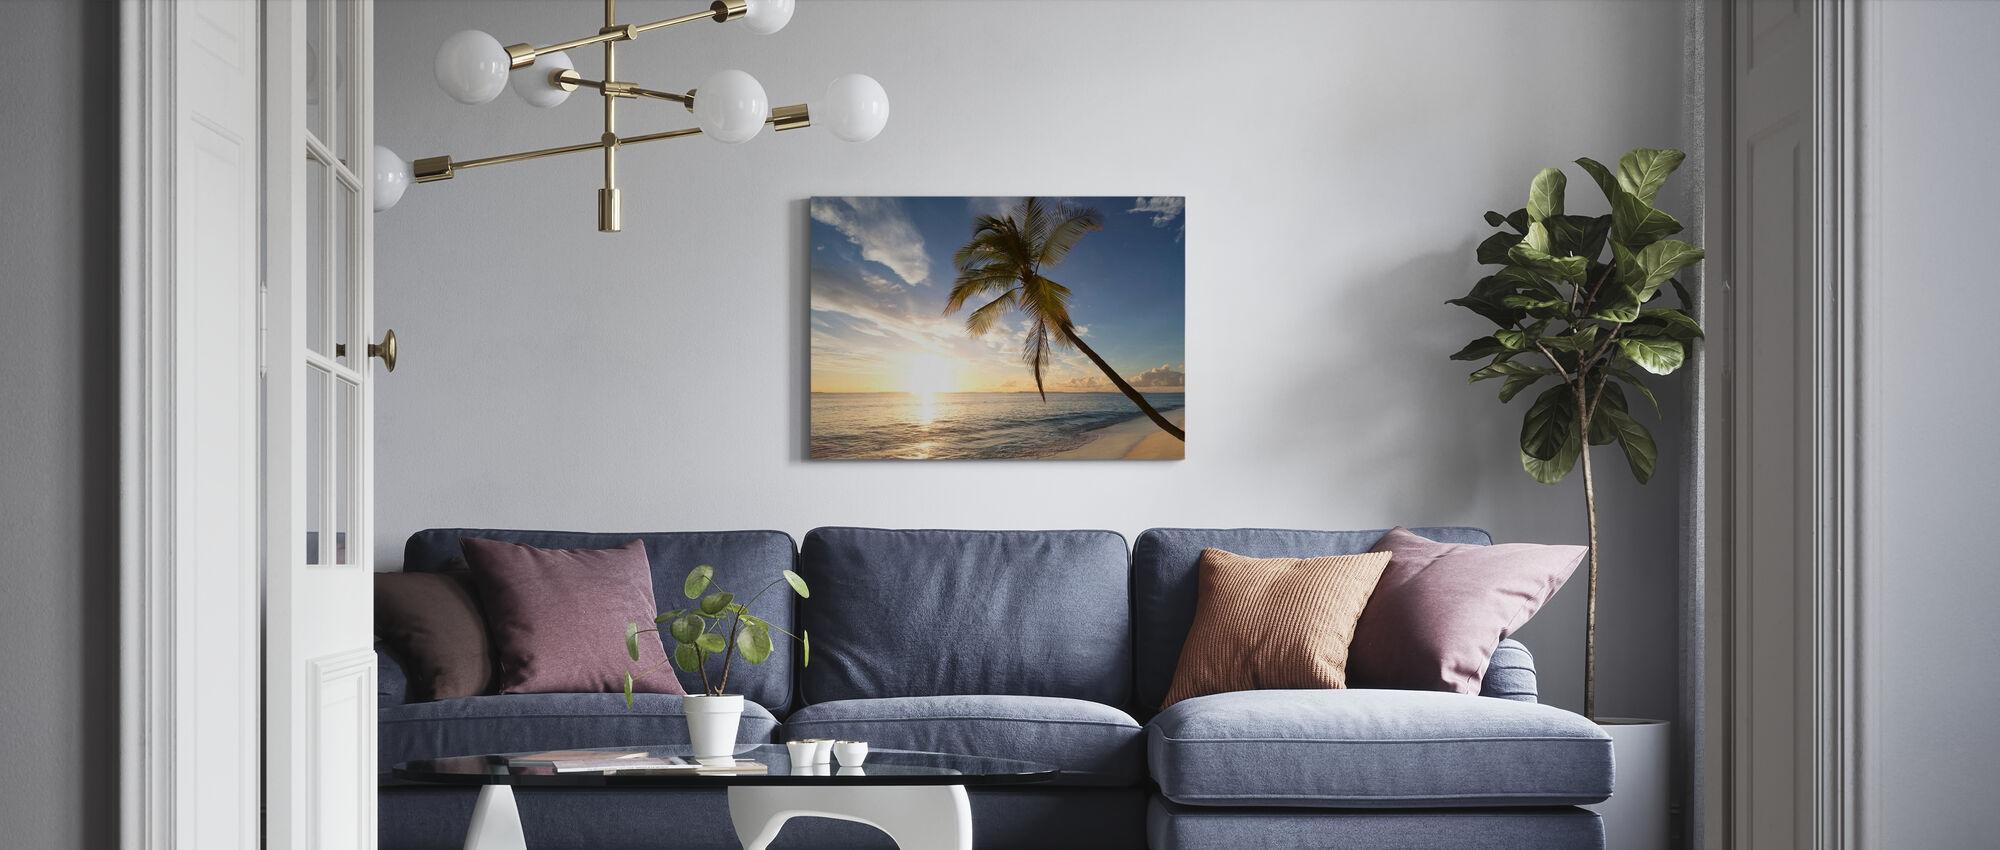 Tropisk solnedgång - Canvastavla - Vardagsrum